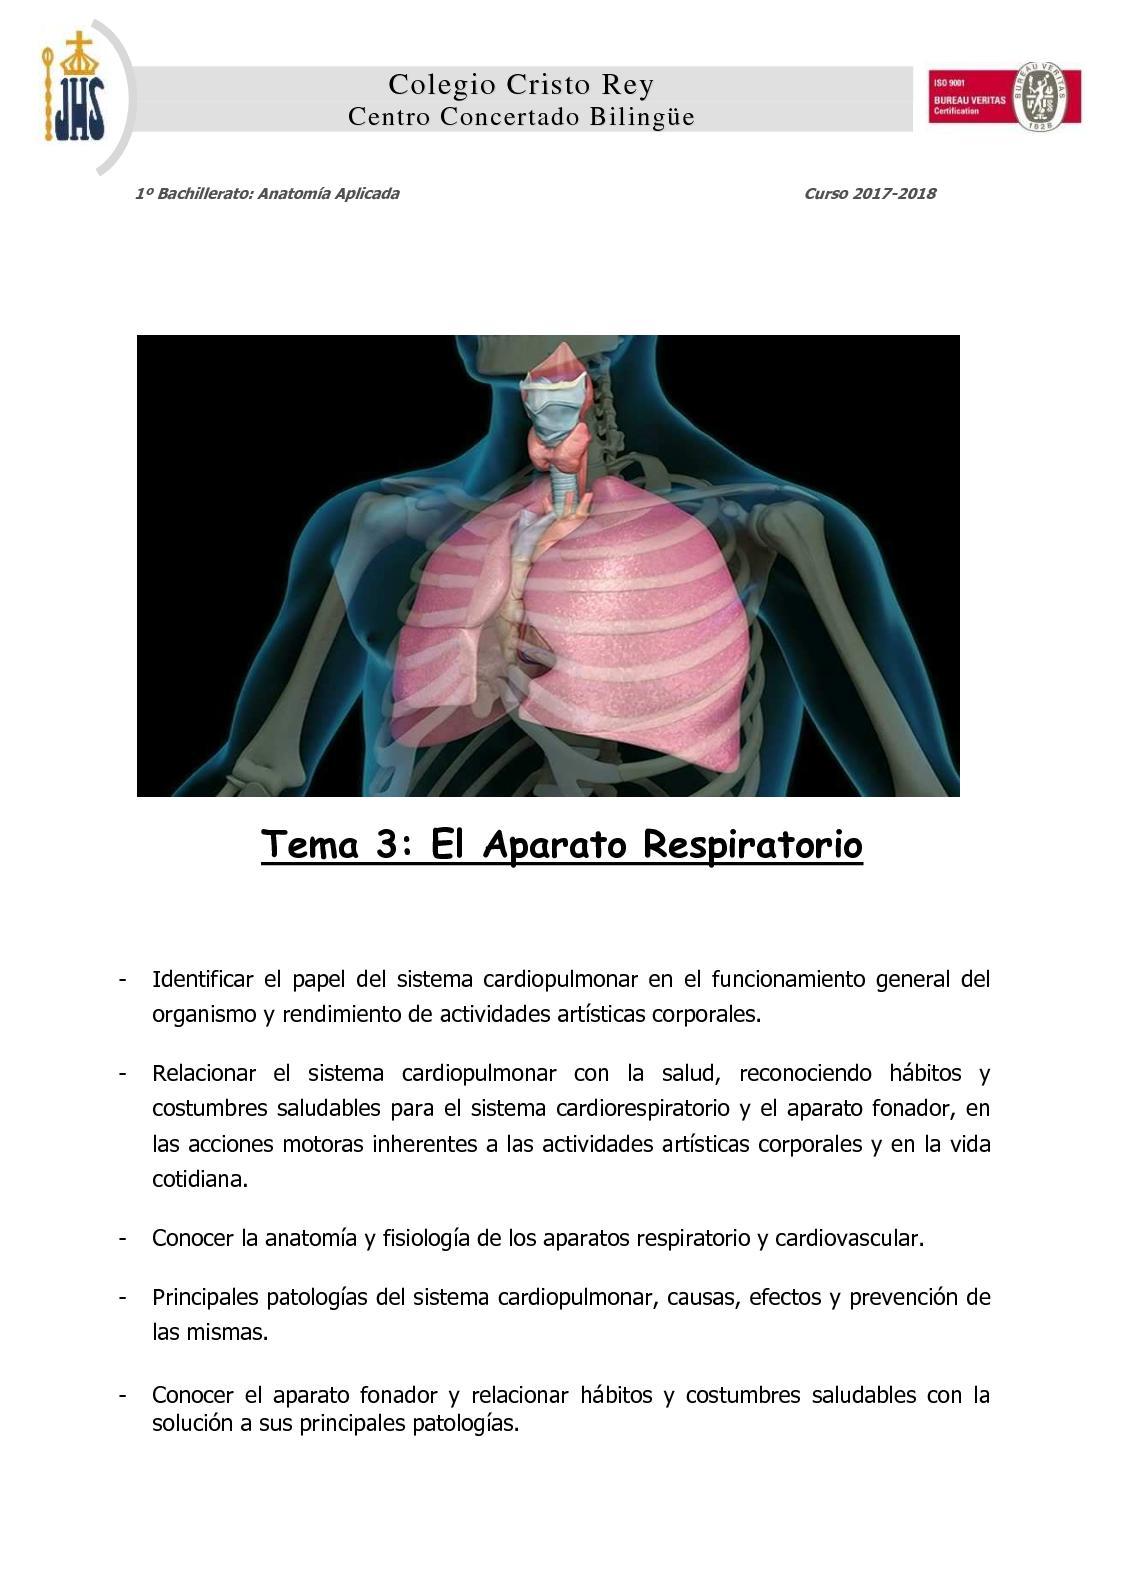 Calaméo - Tema 3 El Aparato Respiratorio